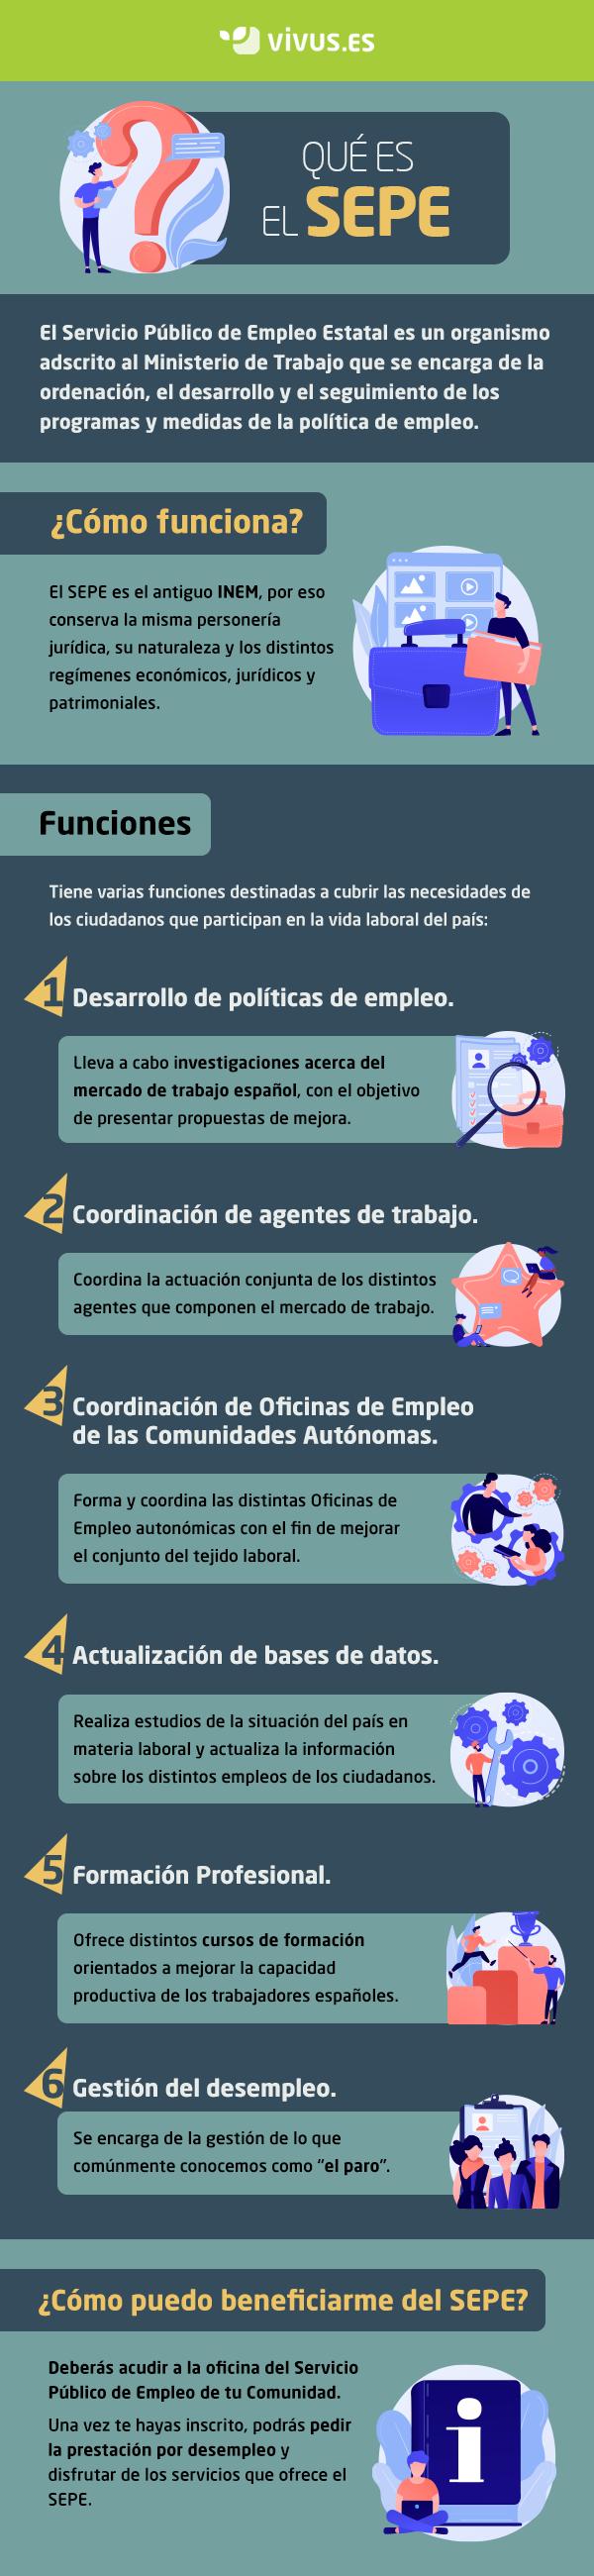 Infografía. Qué es el SEPE y cómo funciona